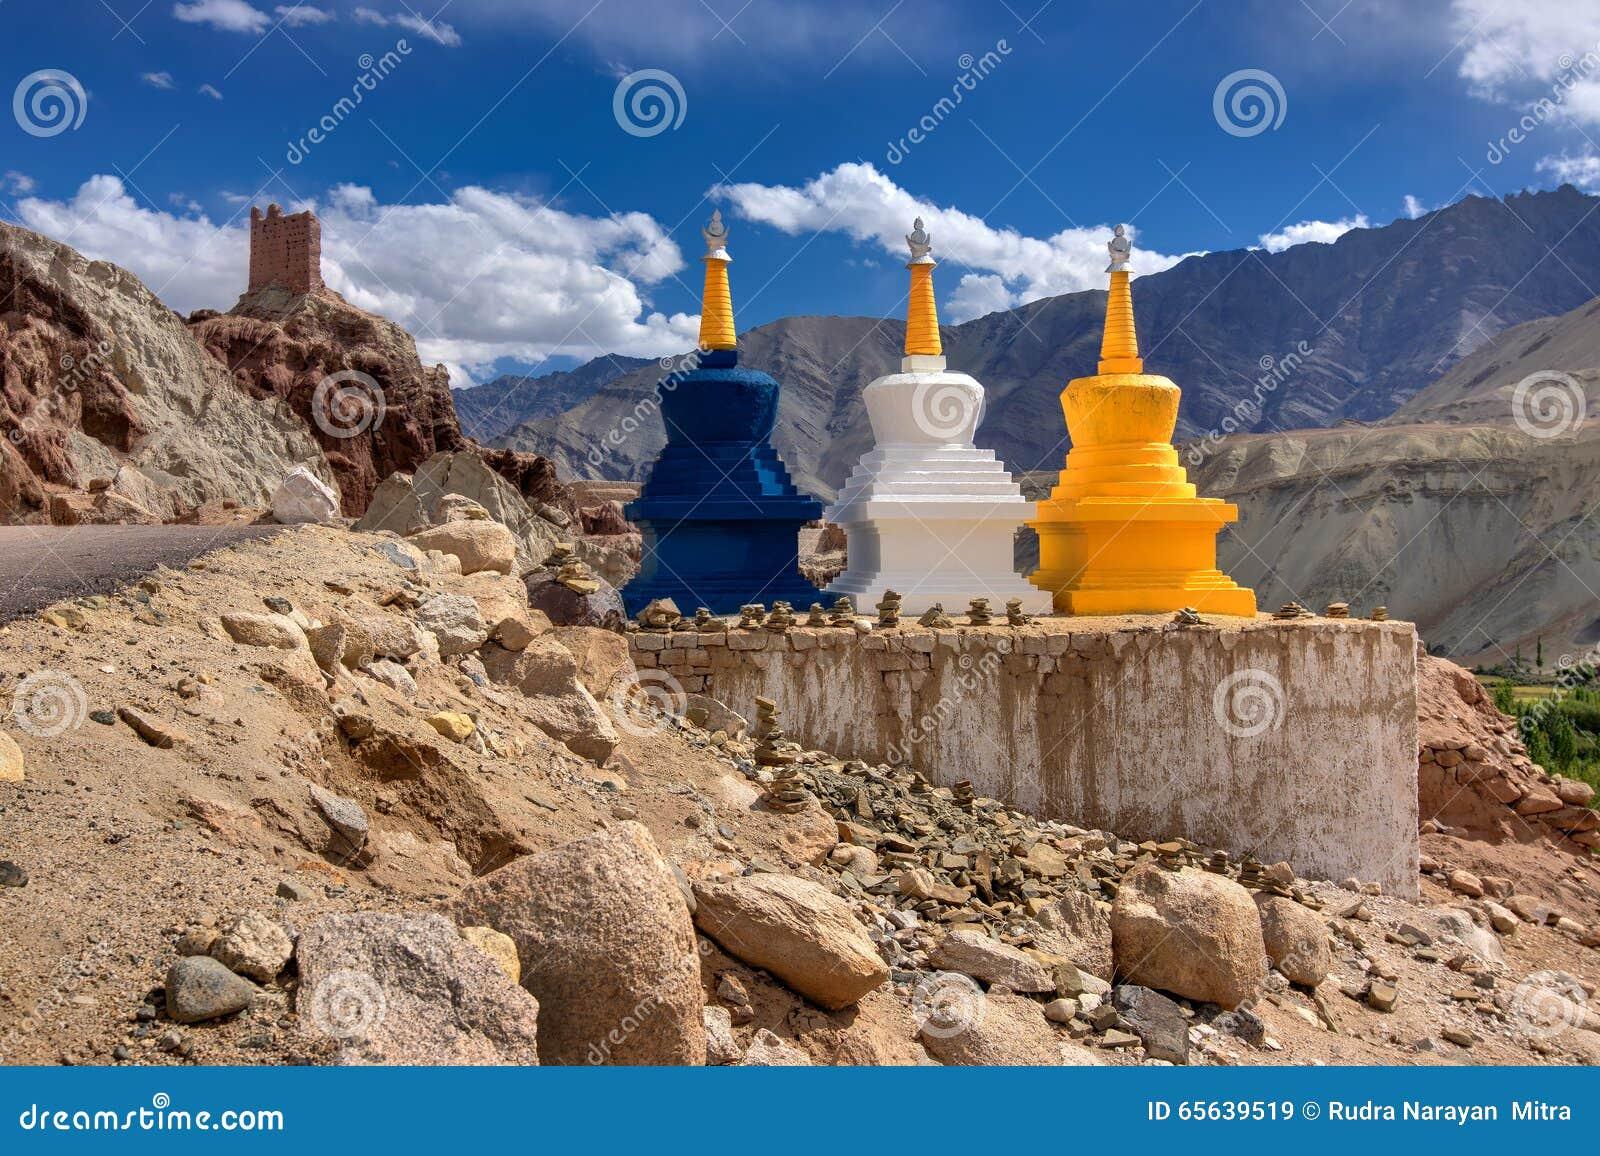 Trois stupas religieux bouddhistes colorés chez Basgo, Leh, Ladakh, Jammu-et-Cachemire, Inde